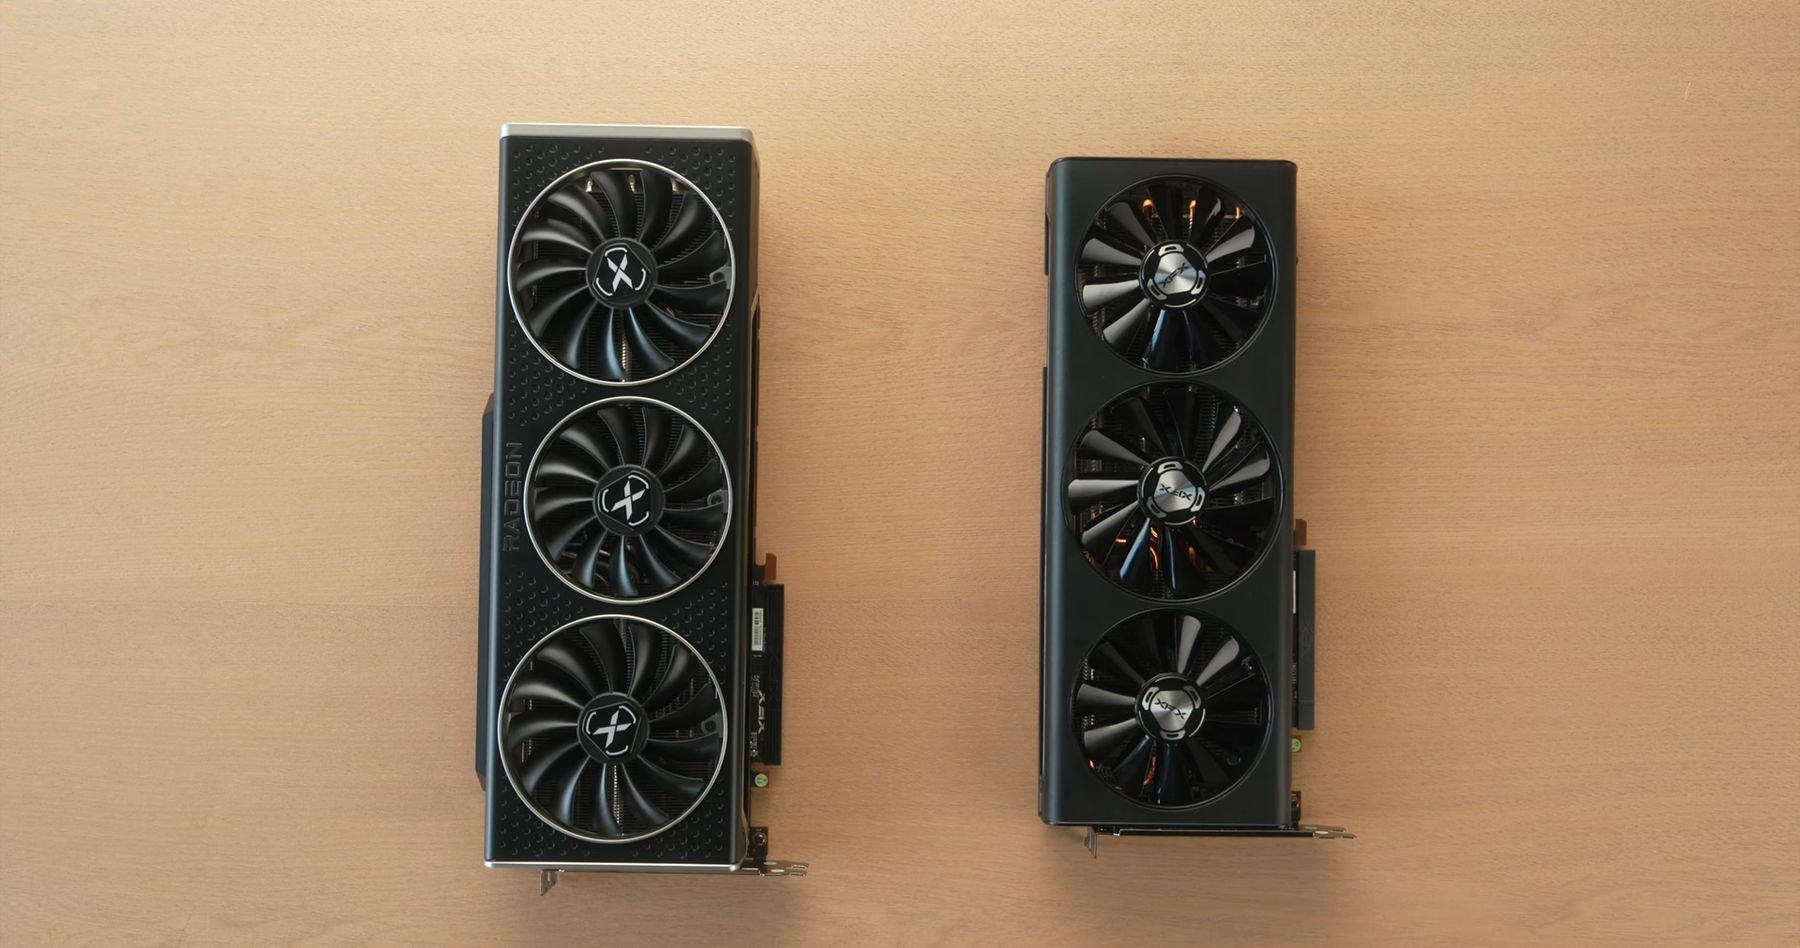 Возможно, это самая большая видеокарта на рынке. Появились фотографии XFX Radeon RX 6800 XT Speedster Merc 319